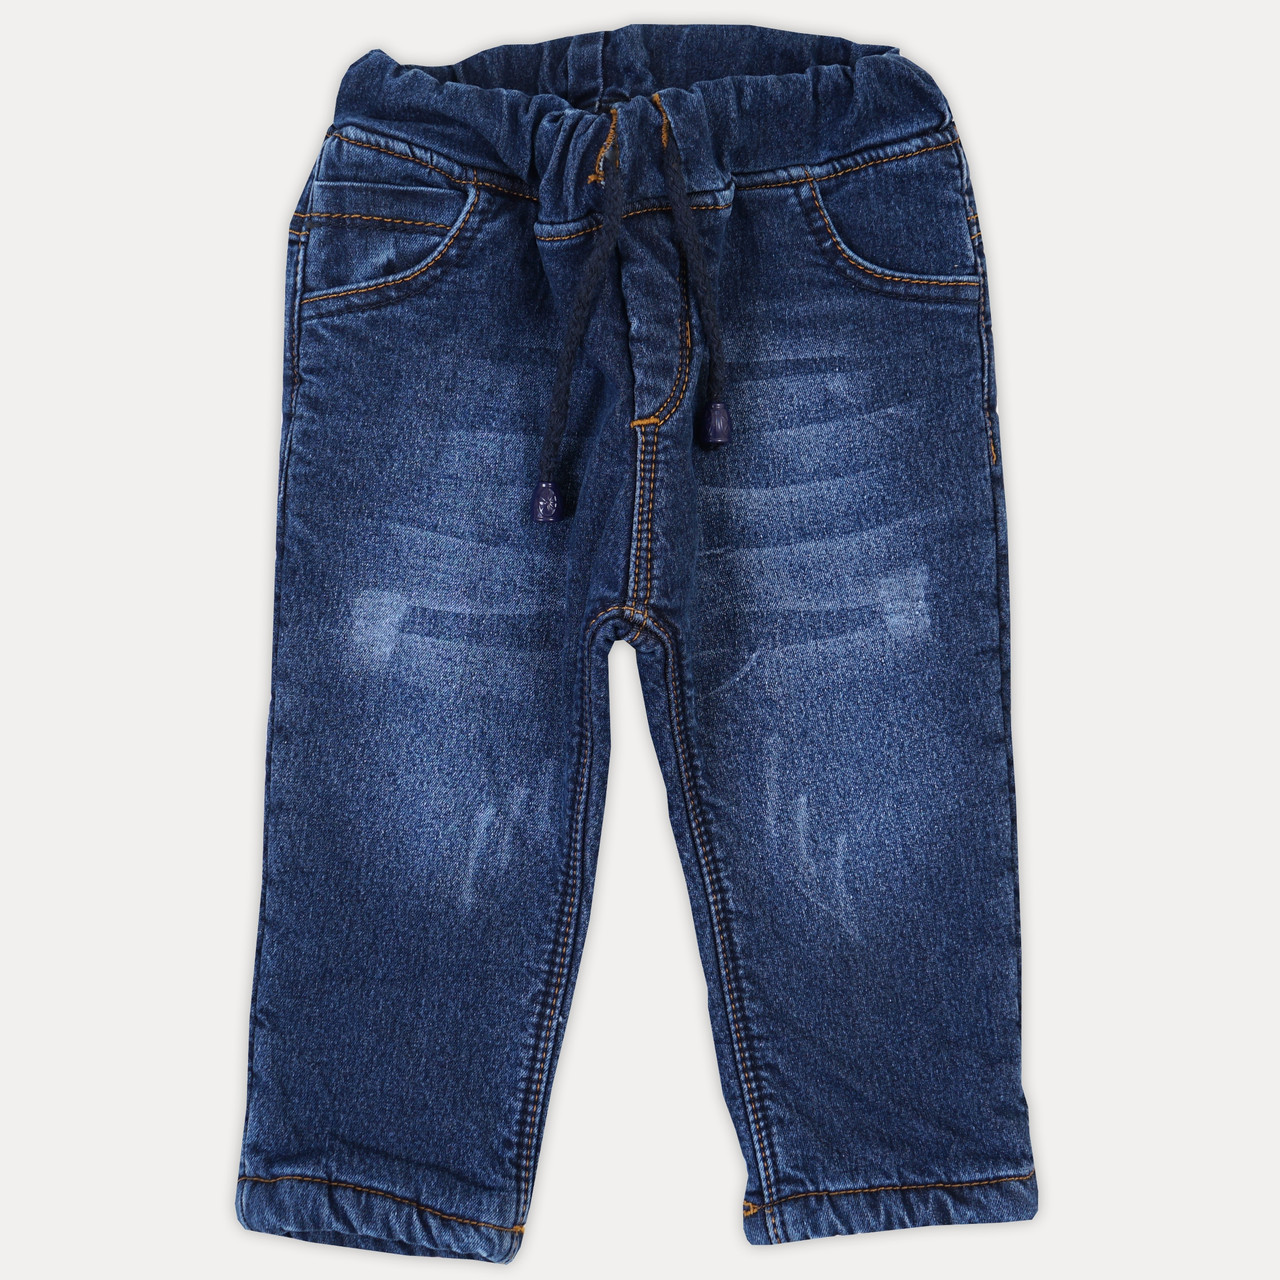 """Стильные меховые детские джинсы для мальчика """"Oroginal"""". Джинсы на мальчика 1-5 лет с ризинкой на поясе"""